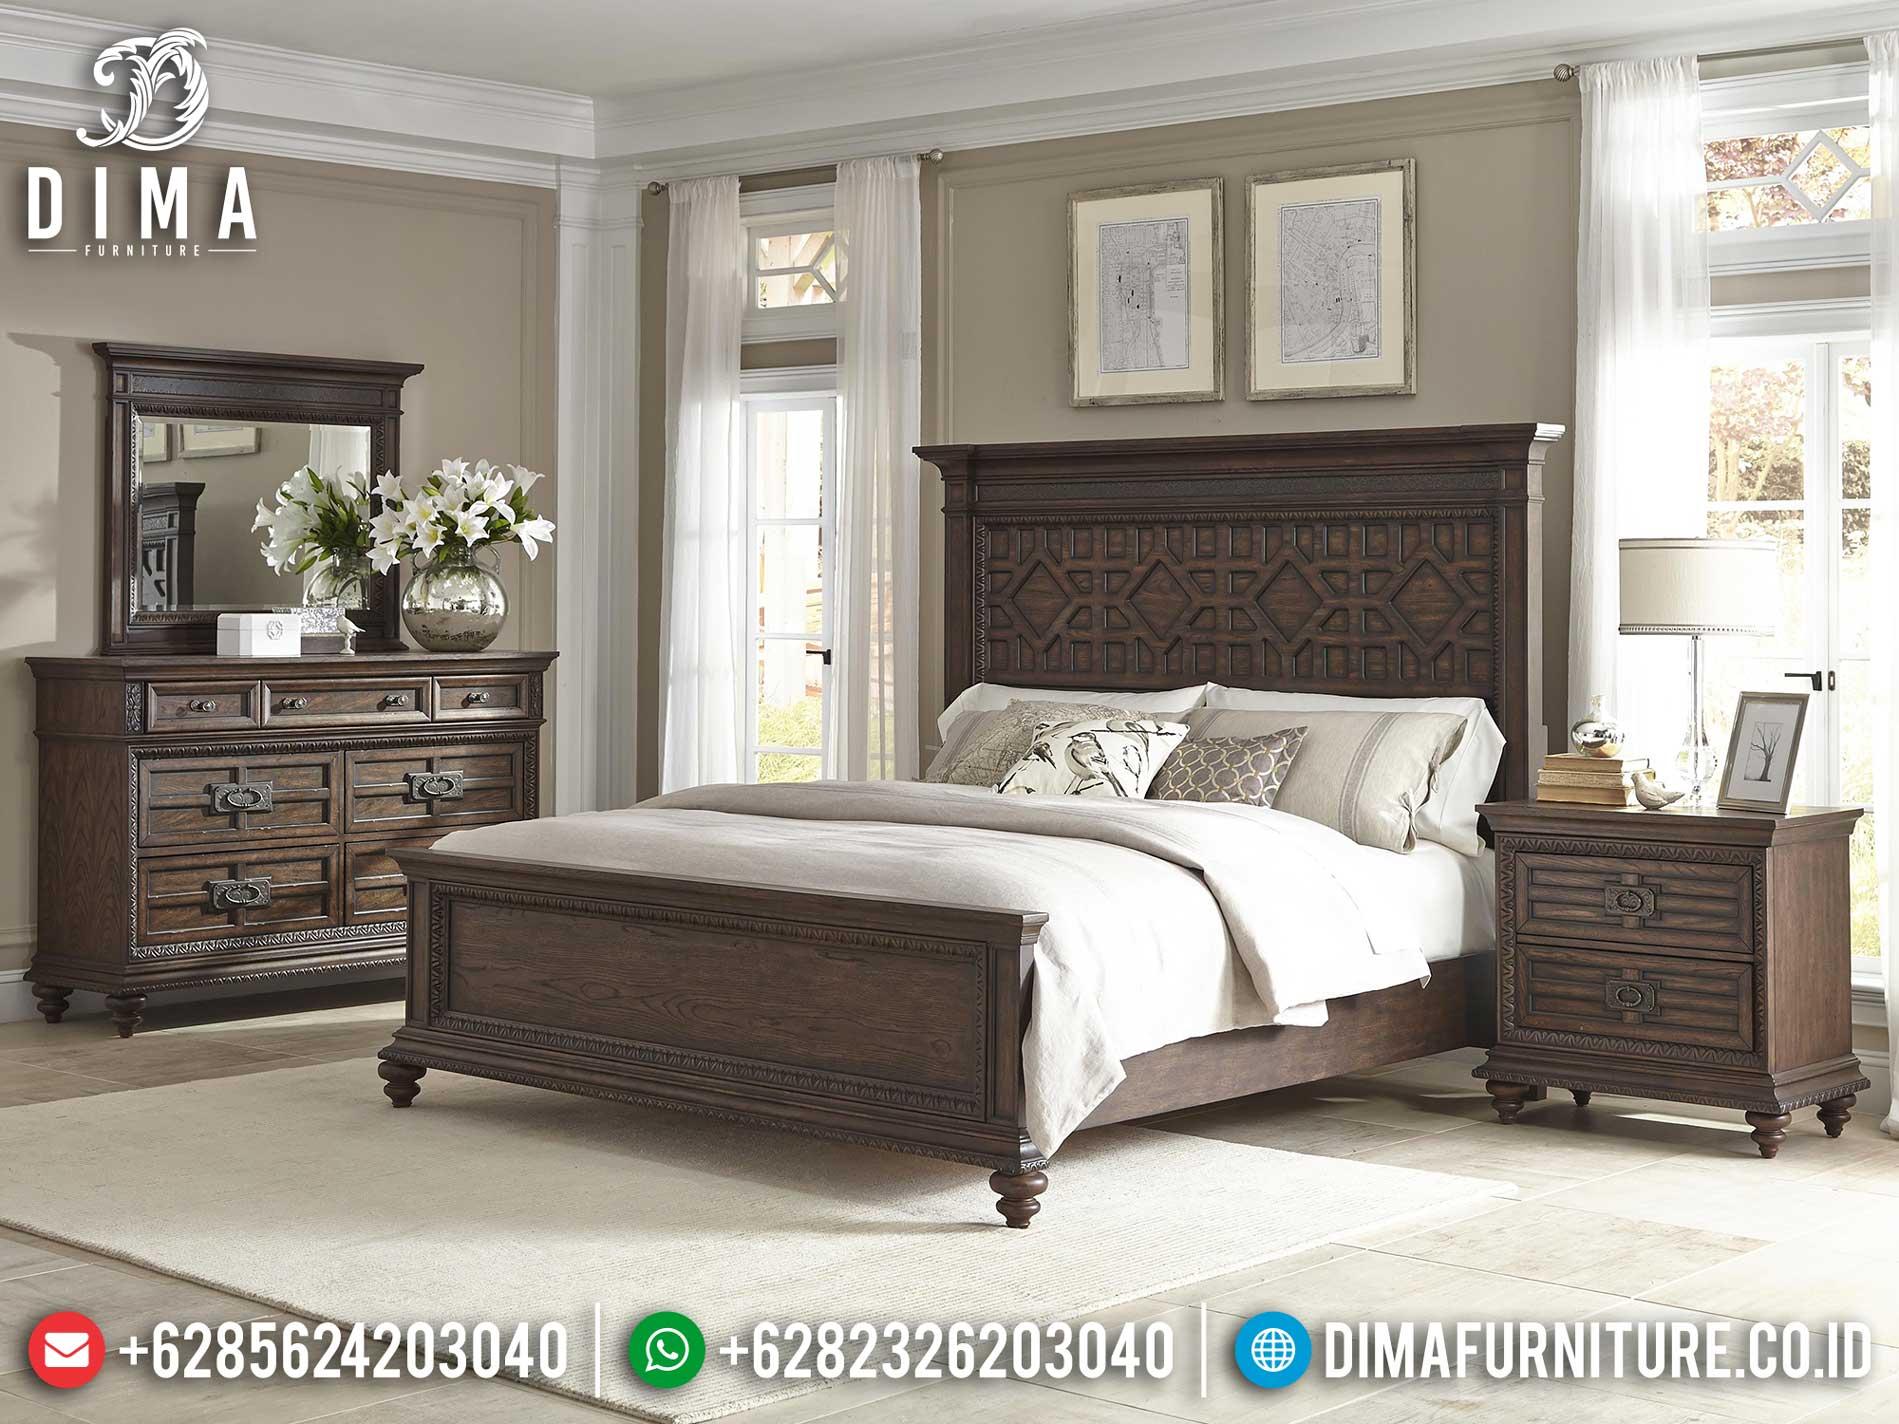 New Year Edition Tempat Tidur Minimalis Kayu Jati Jepara Natural Color TTJ-1121